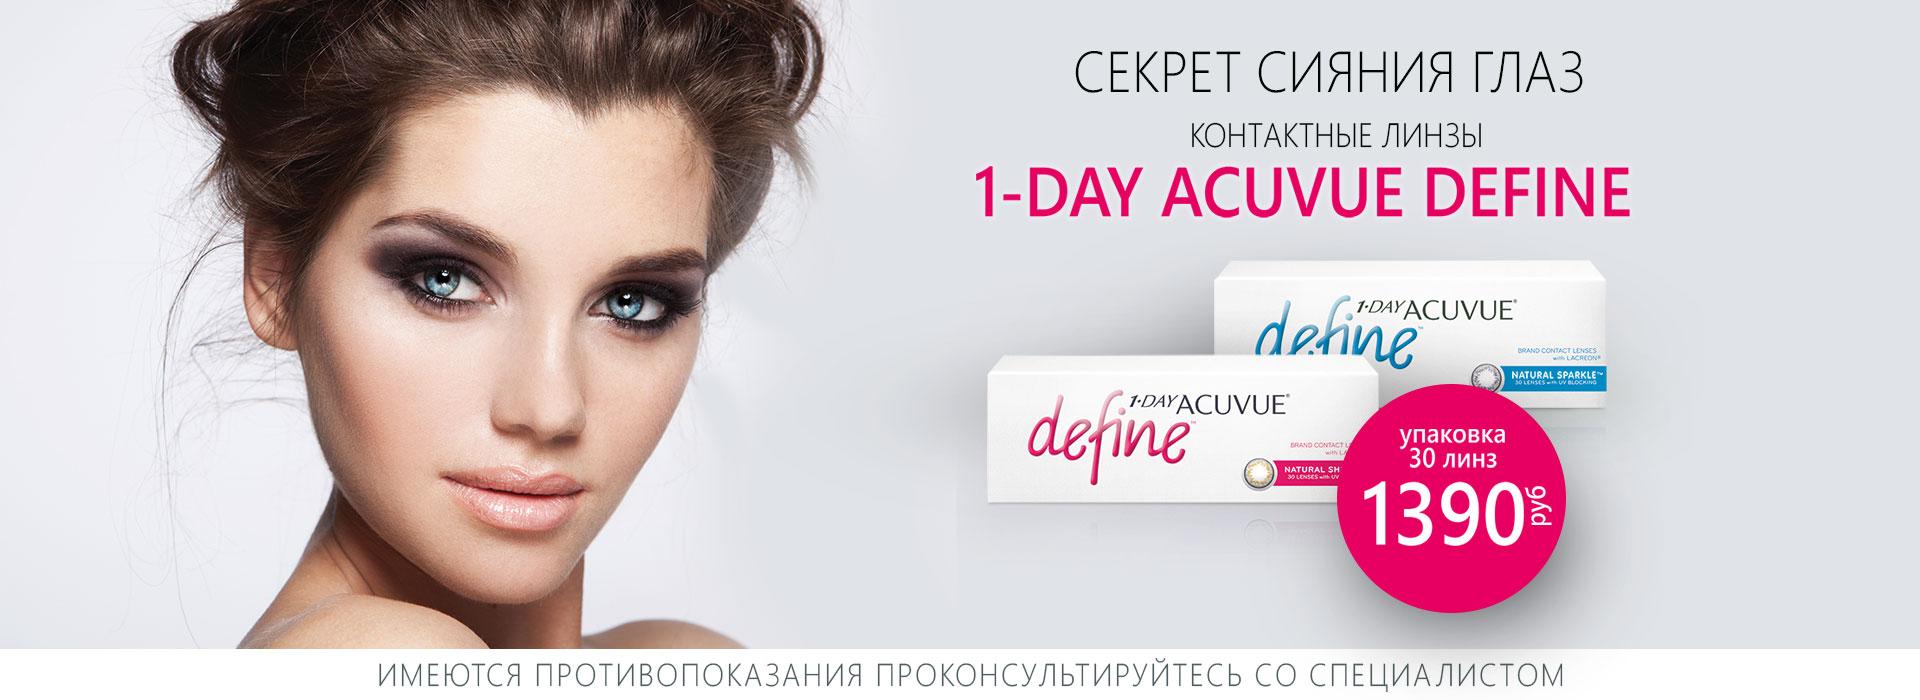 Новые контактные бьюти-линзы 1-Day Acuvue Define – надежная продукция с массой преимуществ перед аналогами. Продажа контактных линз 1-Day Acuvue Define в салонах оптики «Линзбург» в Чебоксарах: 30 линз в упаковке всего за 1390 рублей!